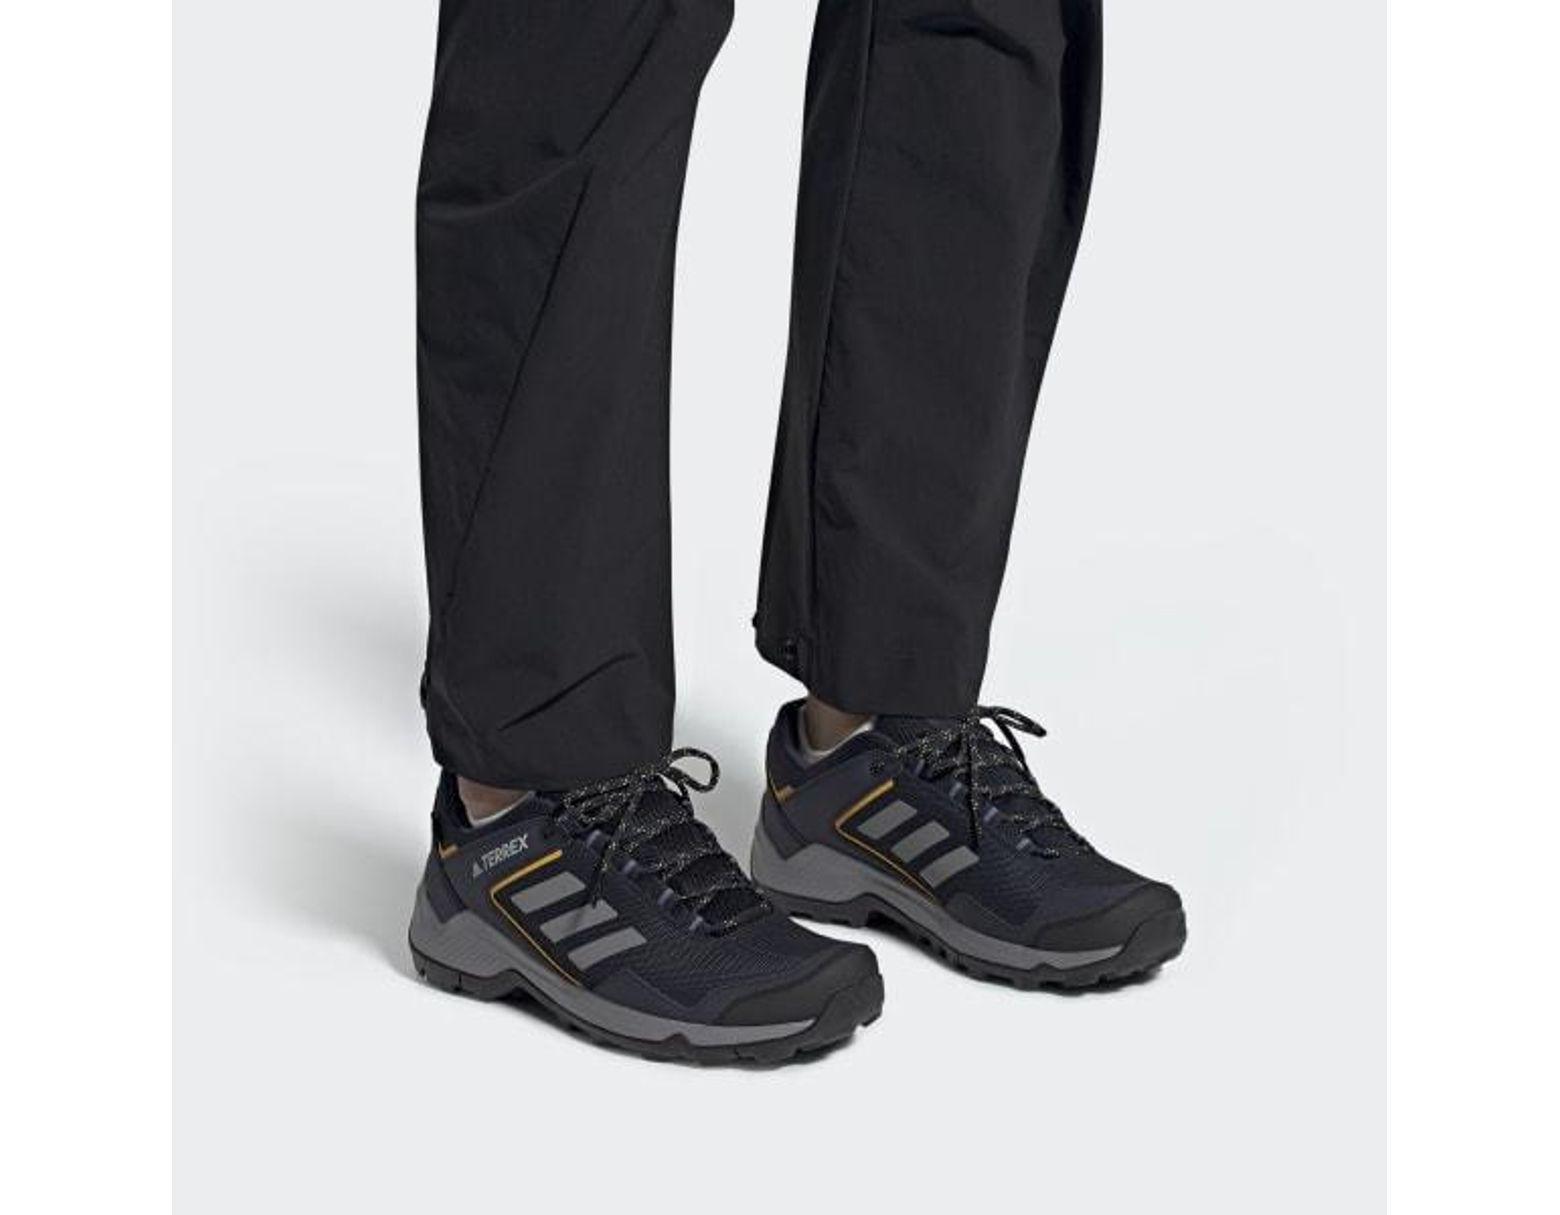 Gtx Shoes Blue Terrex Eastrail Men's PkZiuX